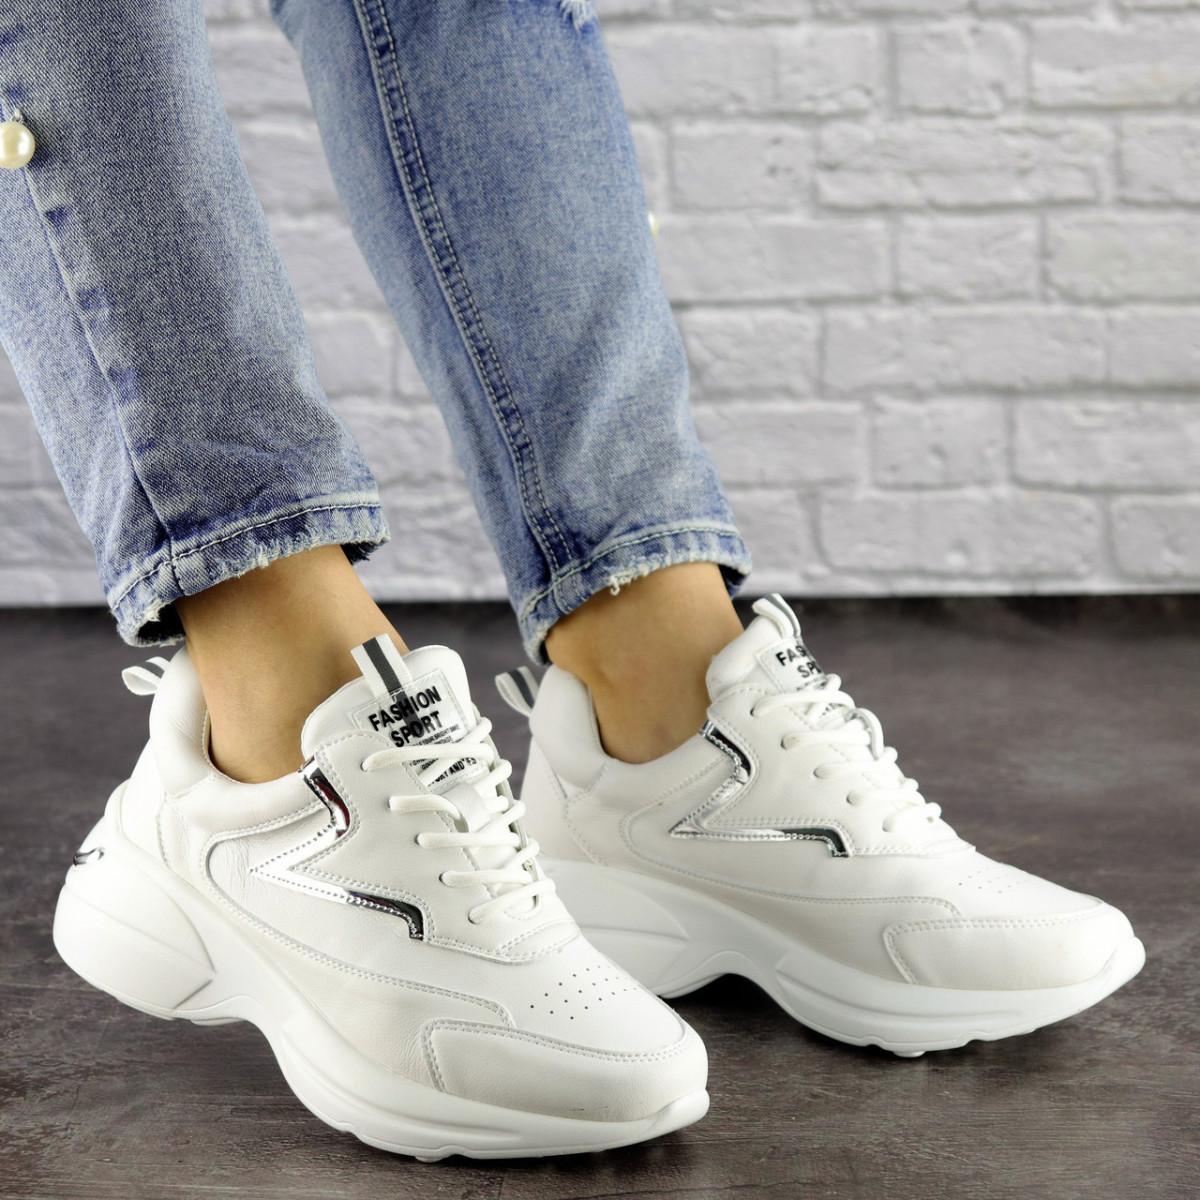 Женские кроссовки Fashion Cora 1502 36 размер 23 см Белый 38